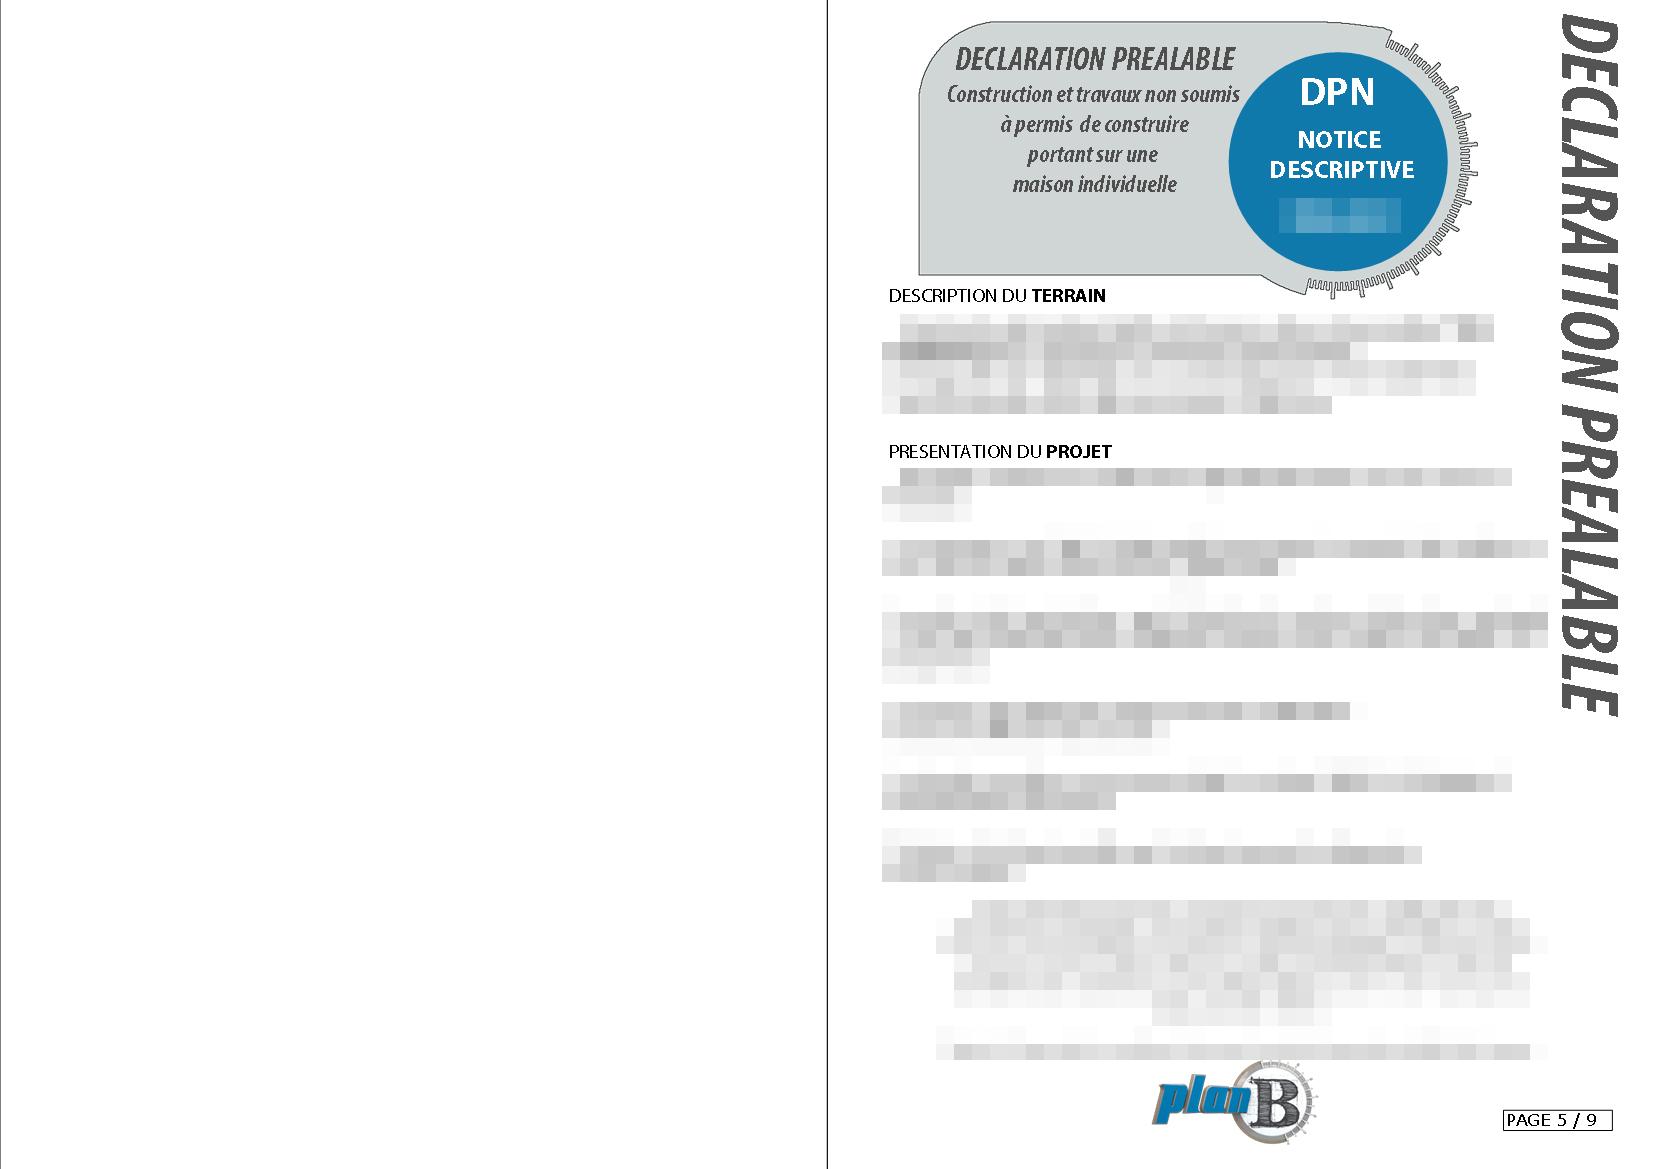 Demande préalable de travaux DPN